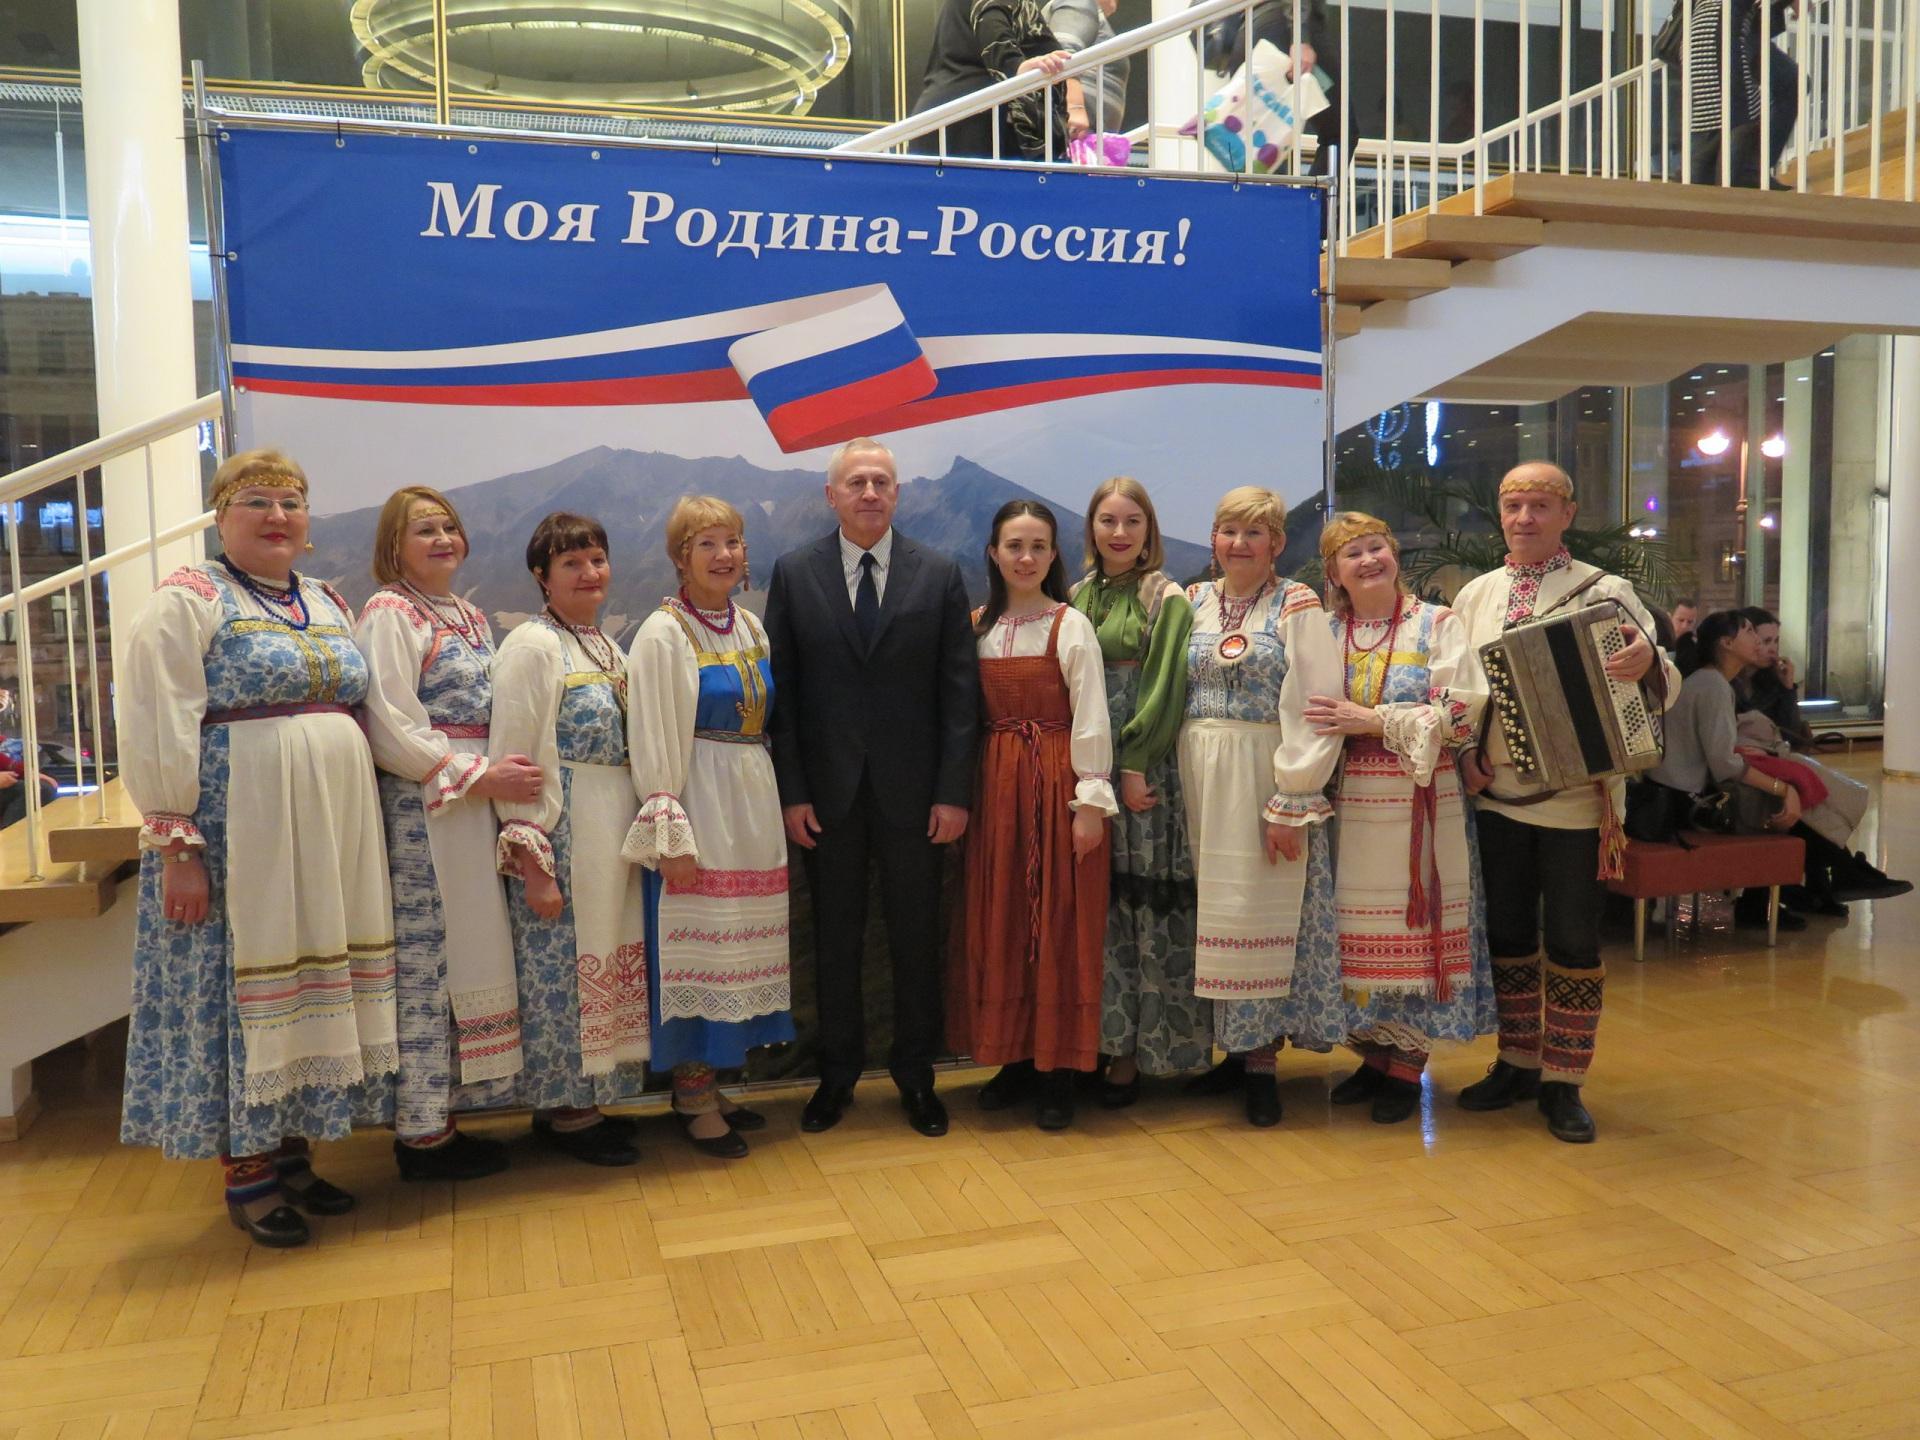 Коми землячество в Санкт-Петербурге обсуждает референдум по переводу столицы из Сыктывкара в Ухту